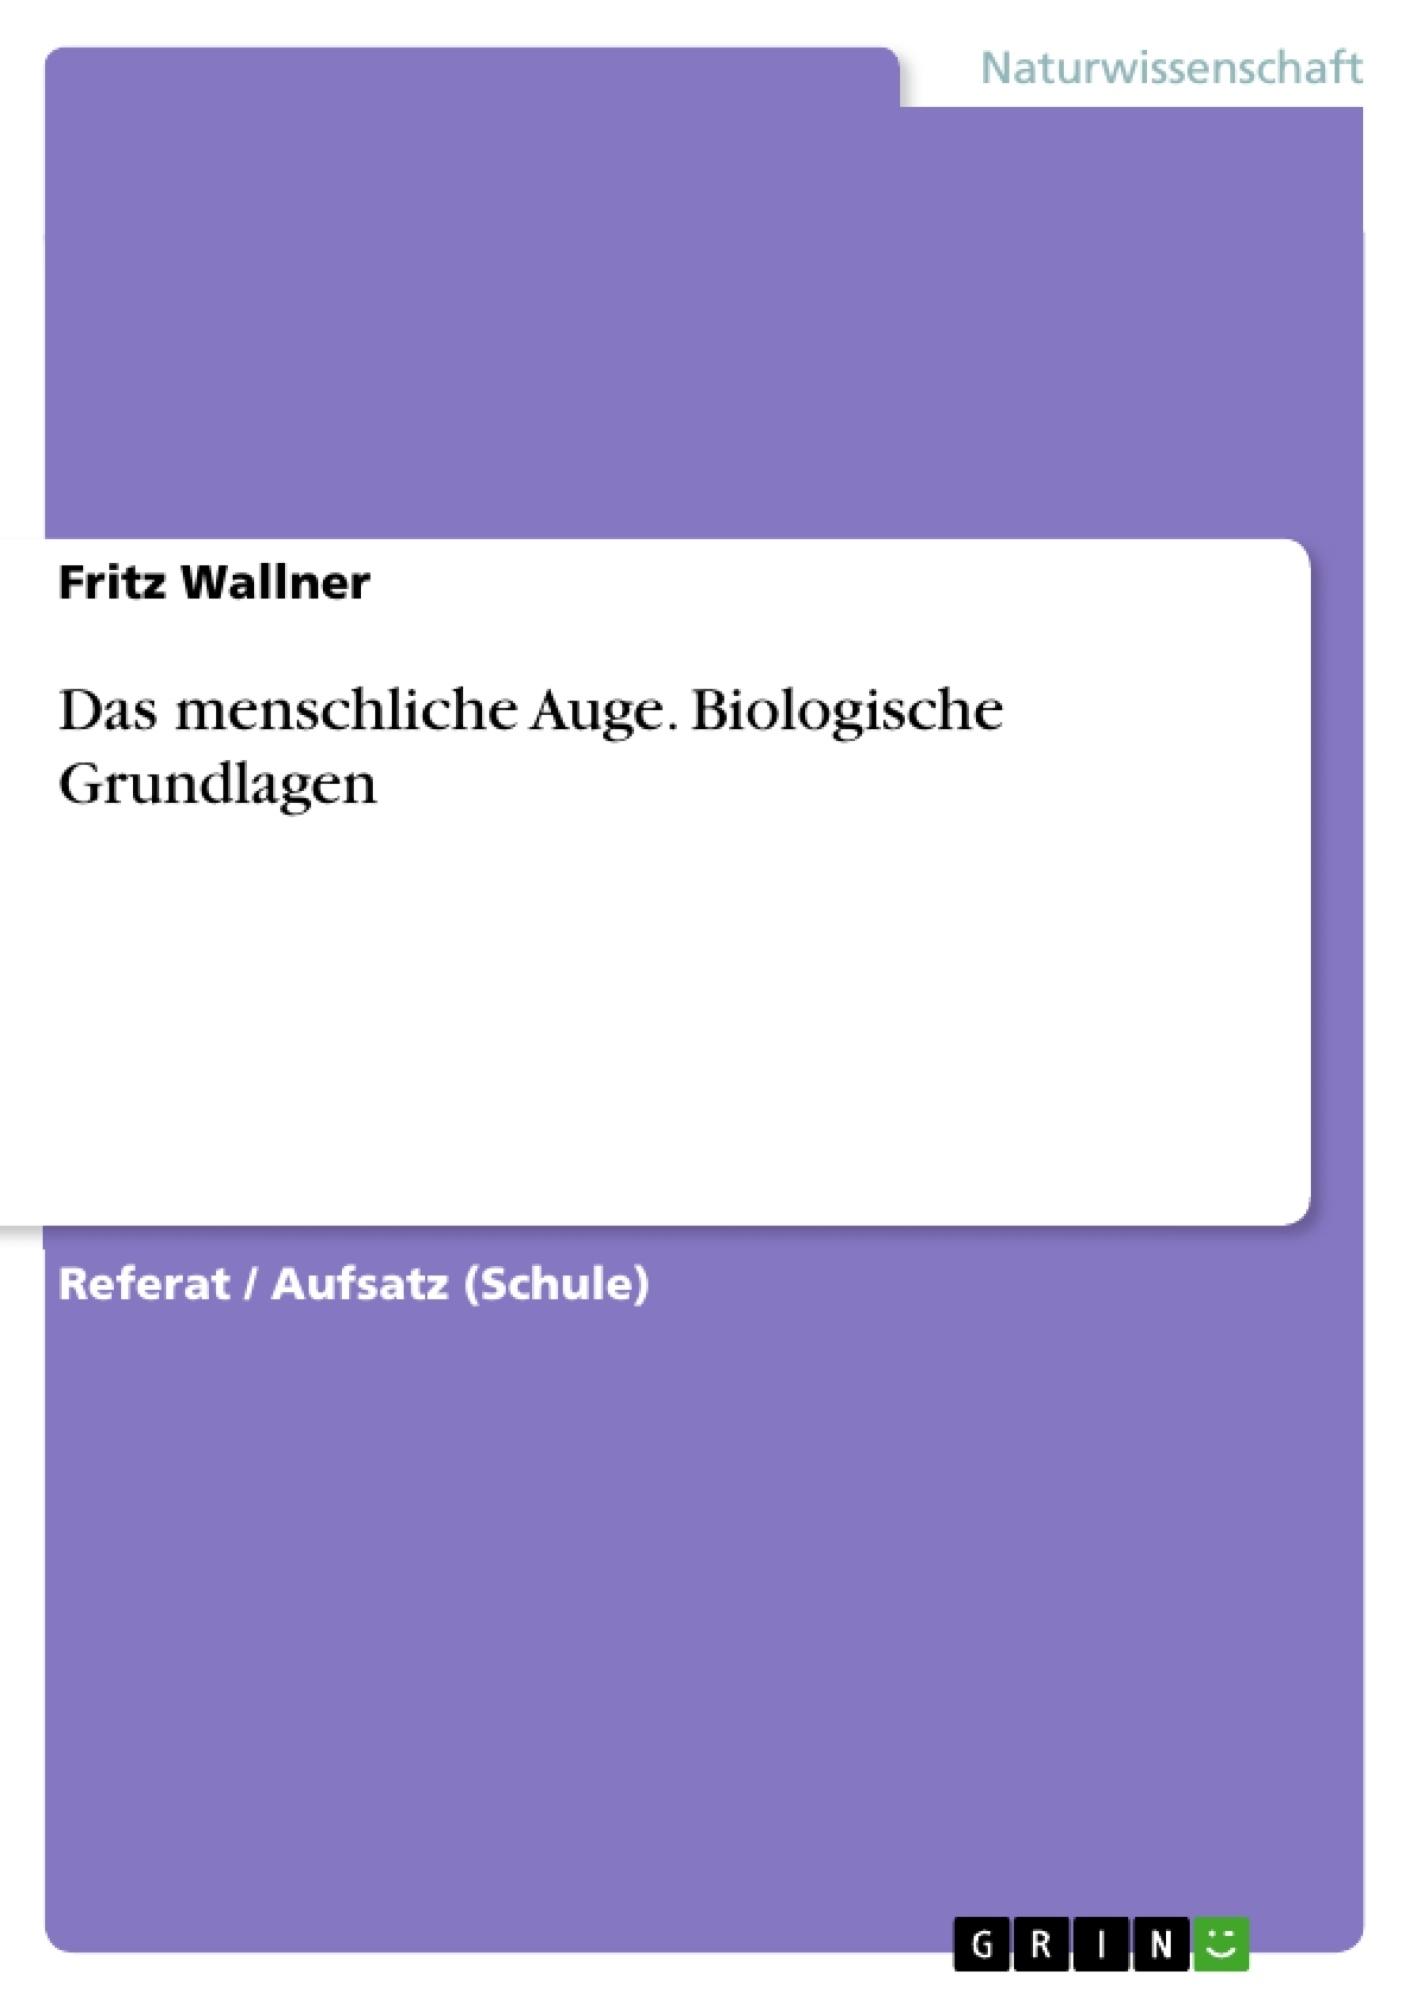 Das menschliche Auge. Biologische Grundlagen | Masterarbeit ...